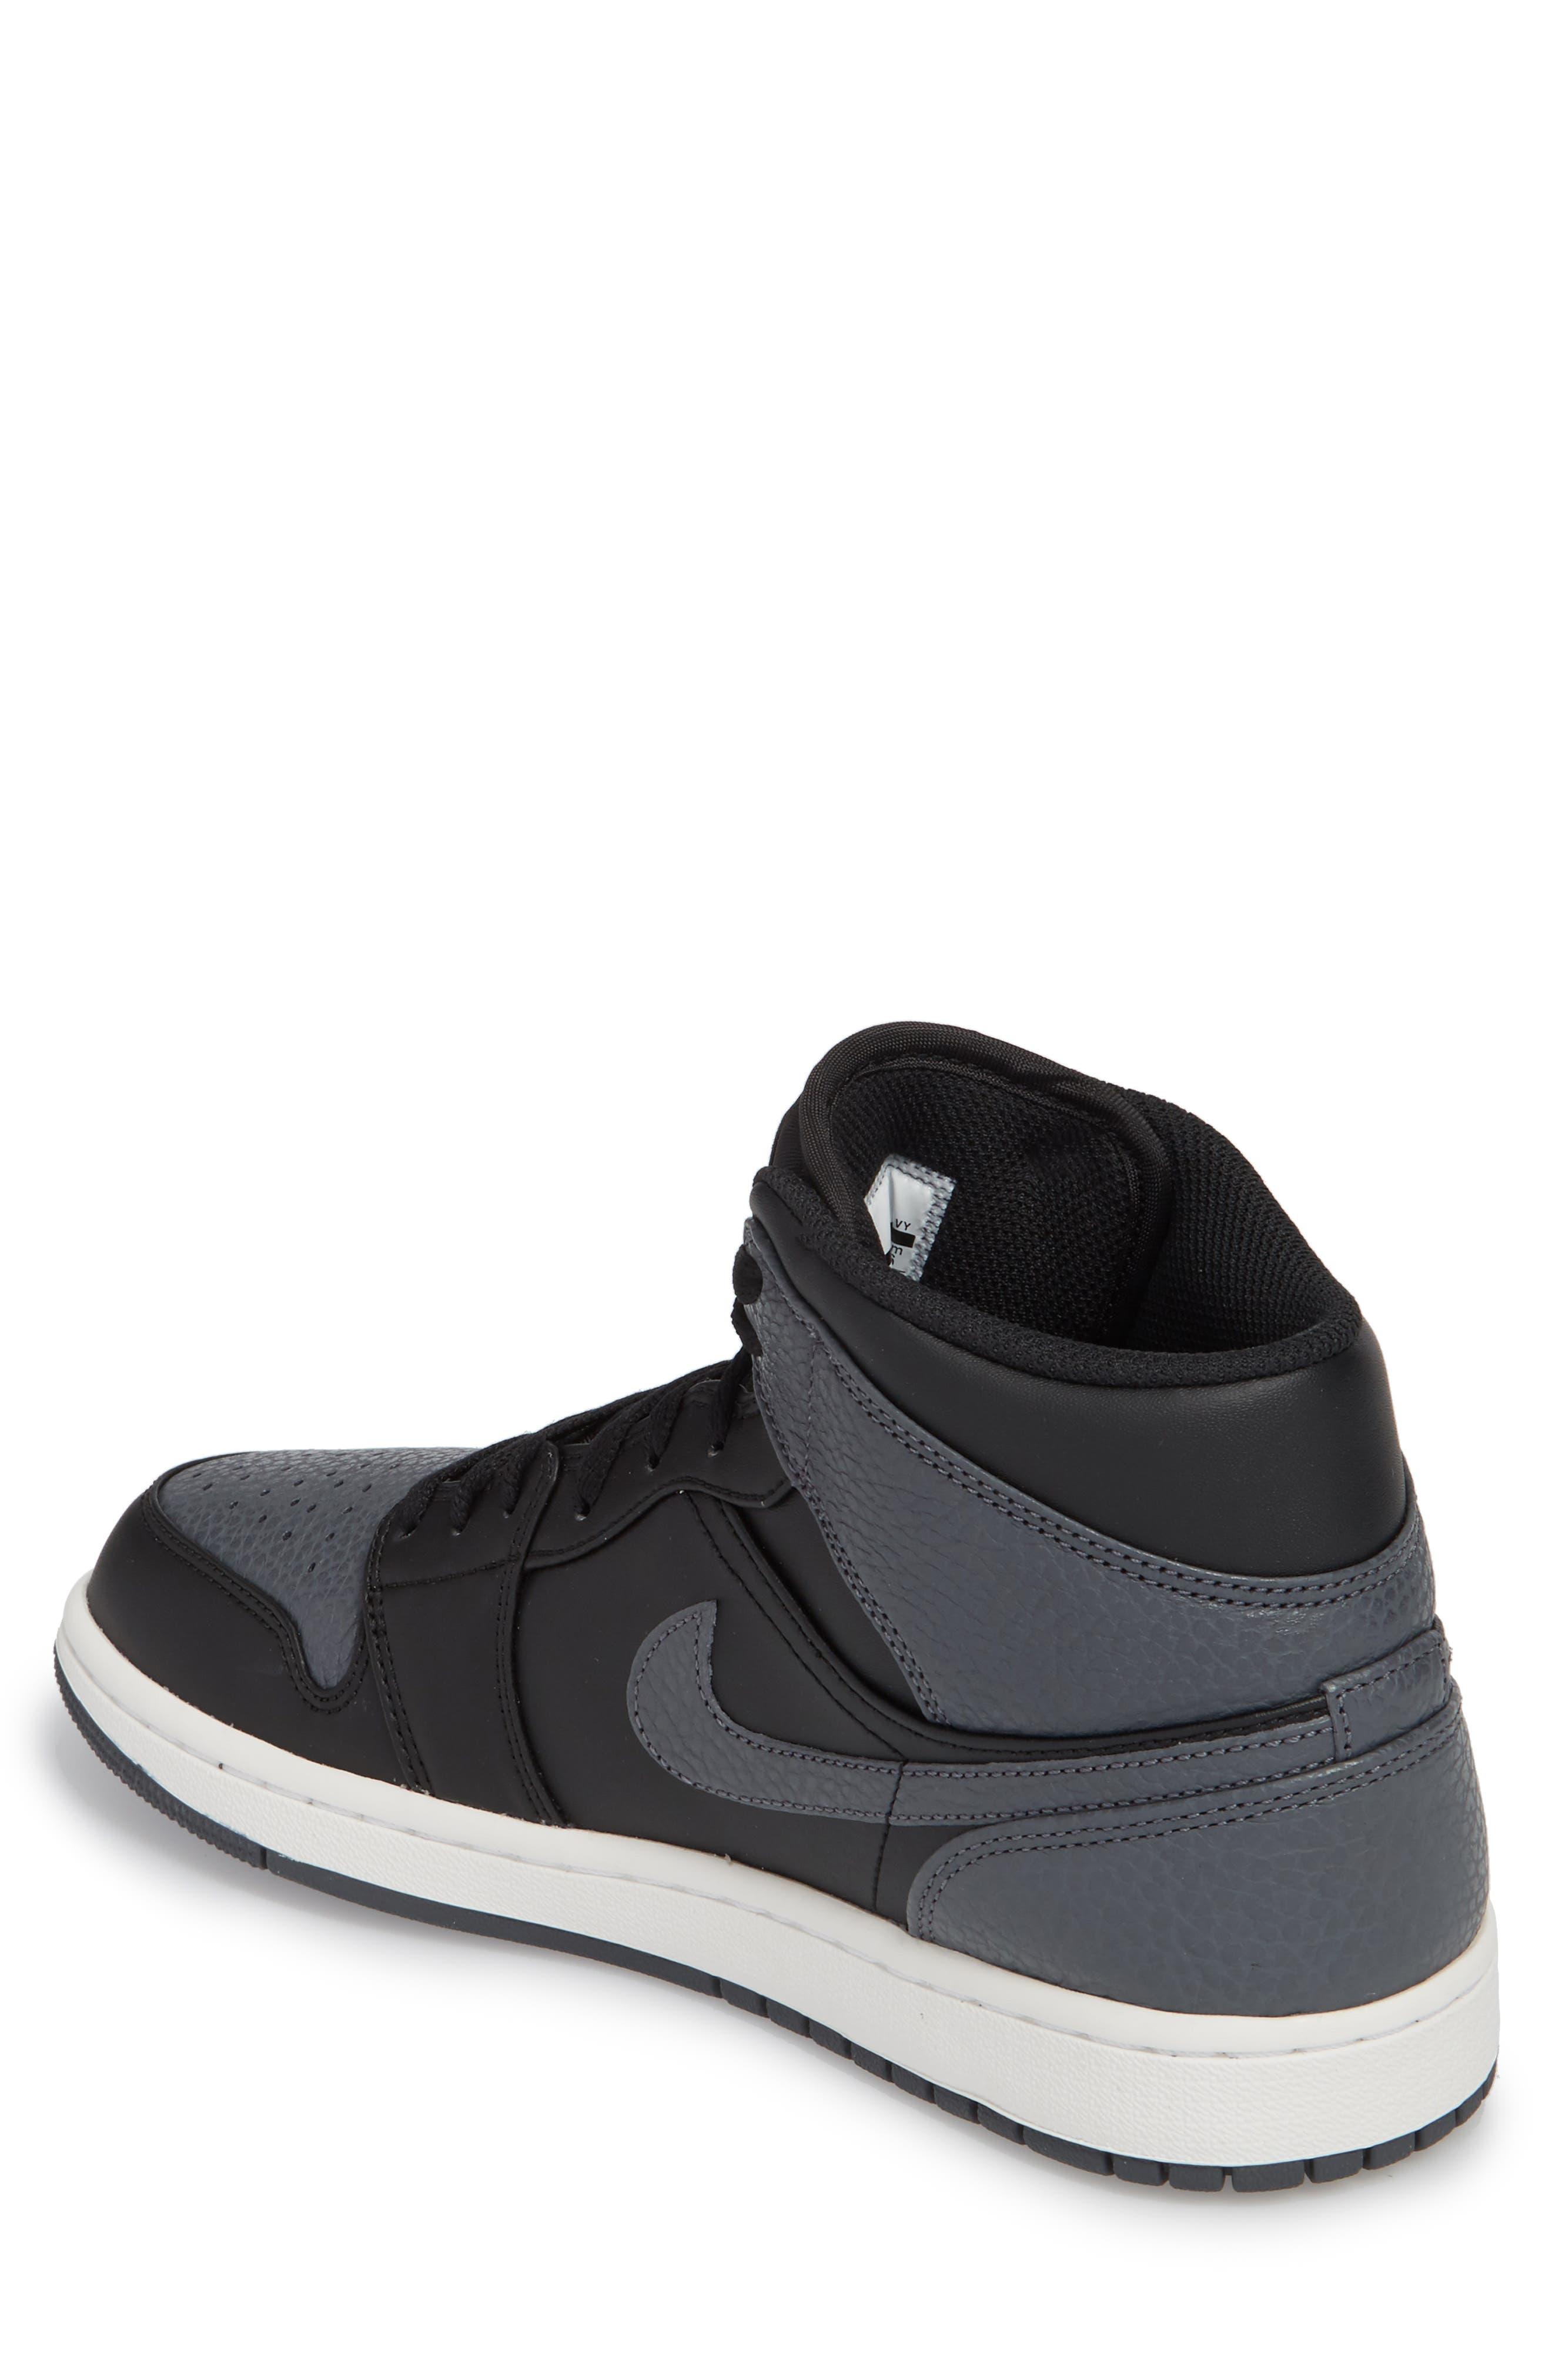 big sale 16985 aa5ed Men u0027s Black Limited Release Sneakers, Athletic  u0026 Running Shoes    Nordstrom